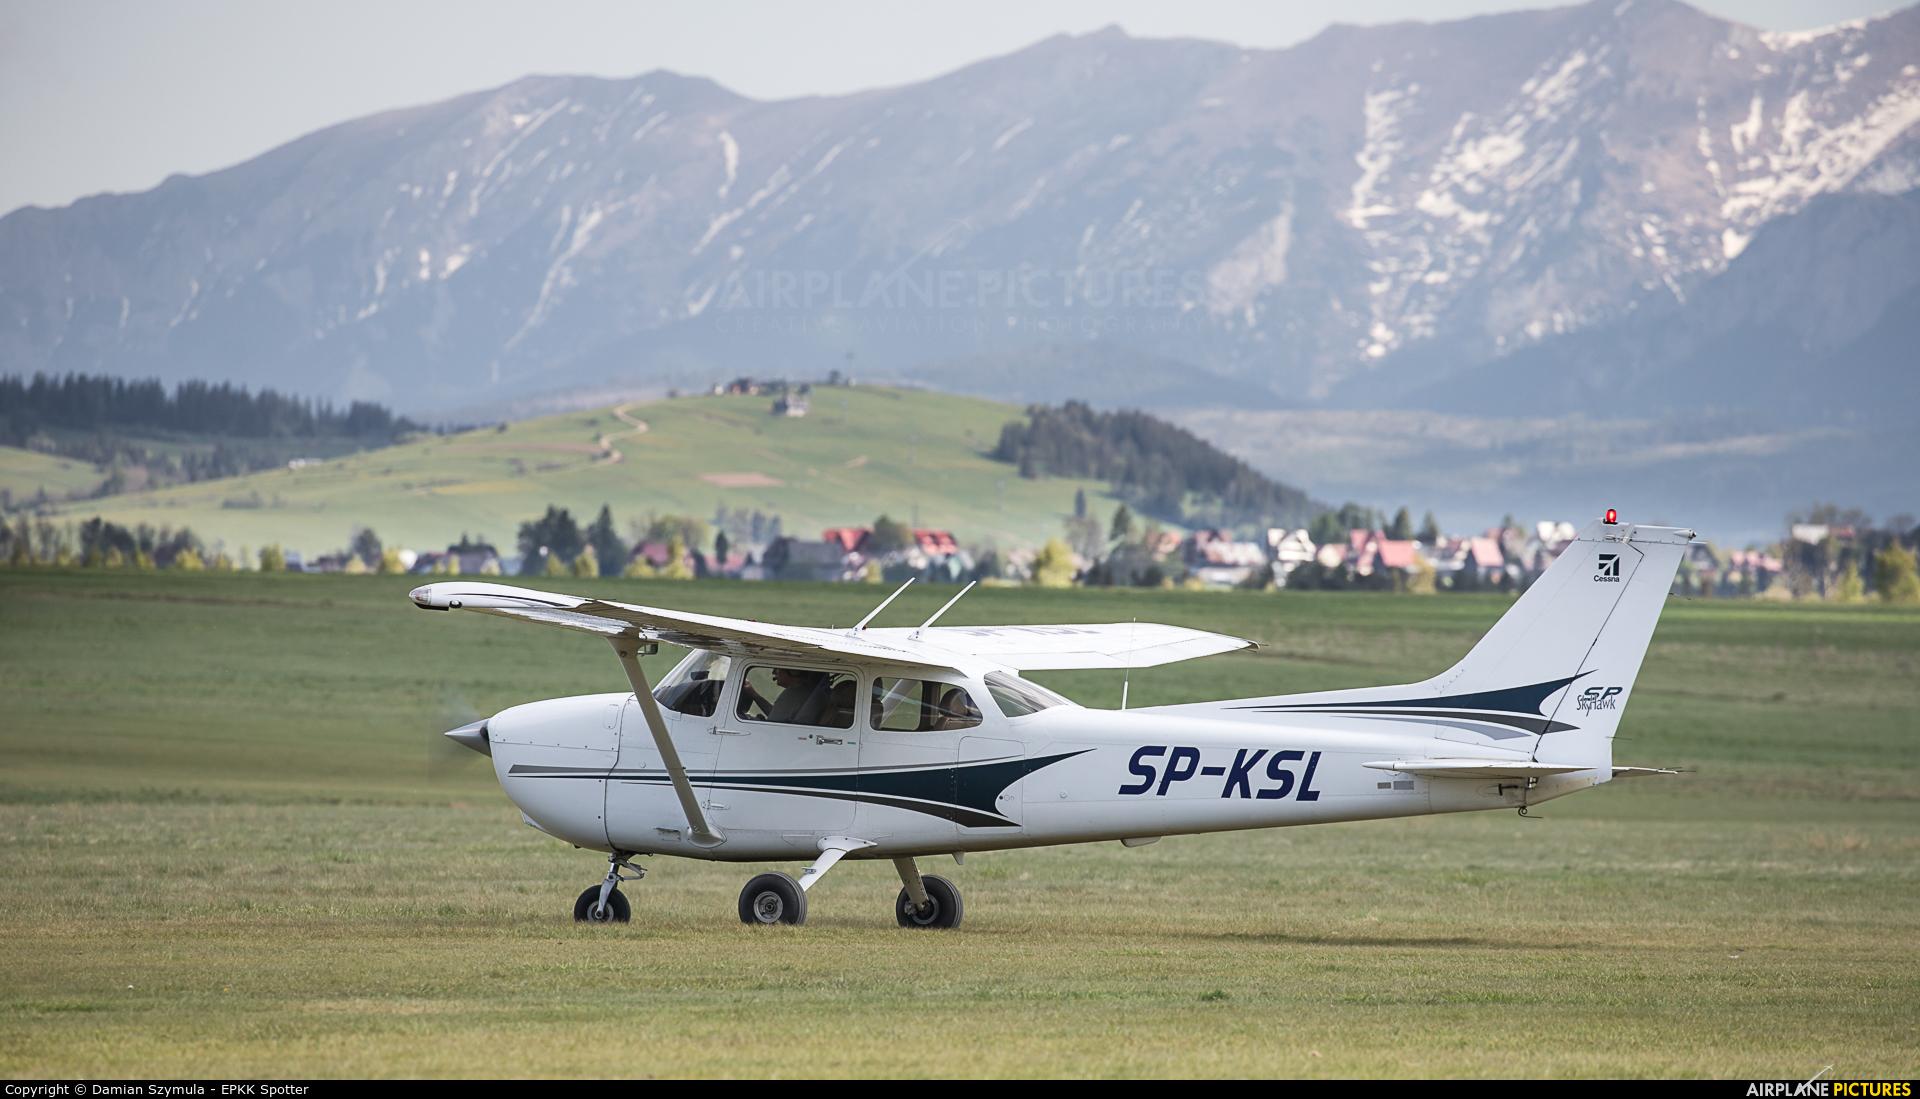 Aeroklub Śląski SP-KSL aircraft at Nowy Targ Airport